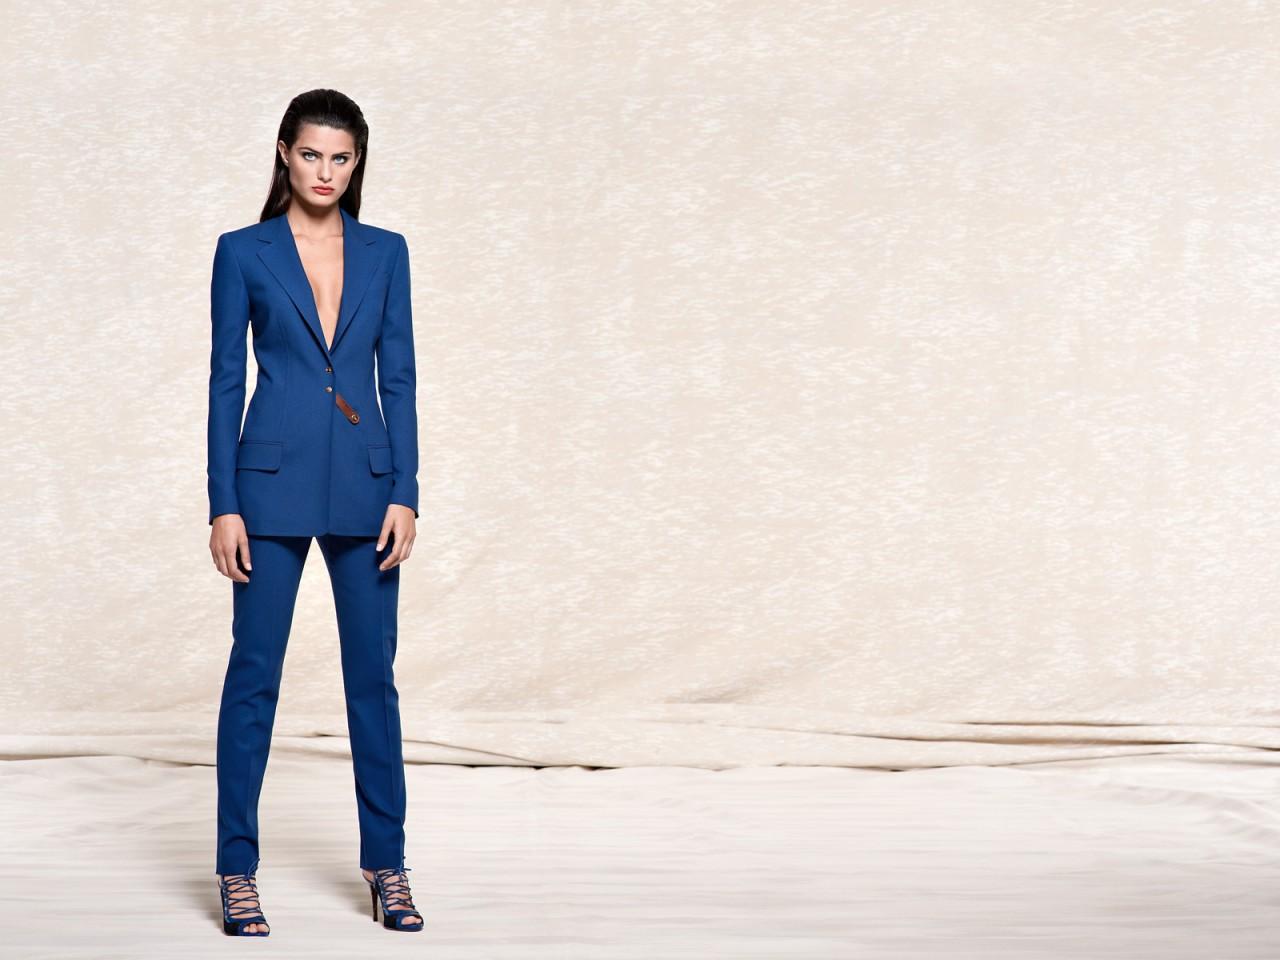 Изабели Фонтана Лицо рекламной компании Escada Весна-Лето 2011